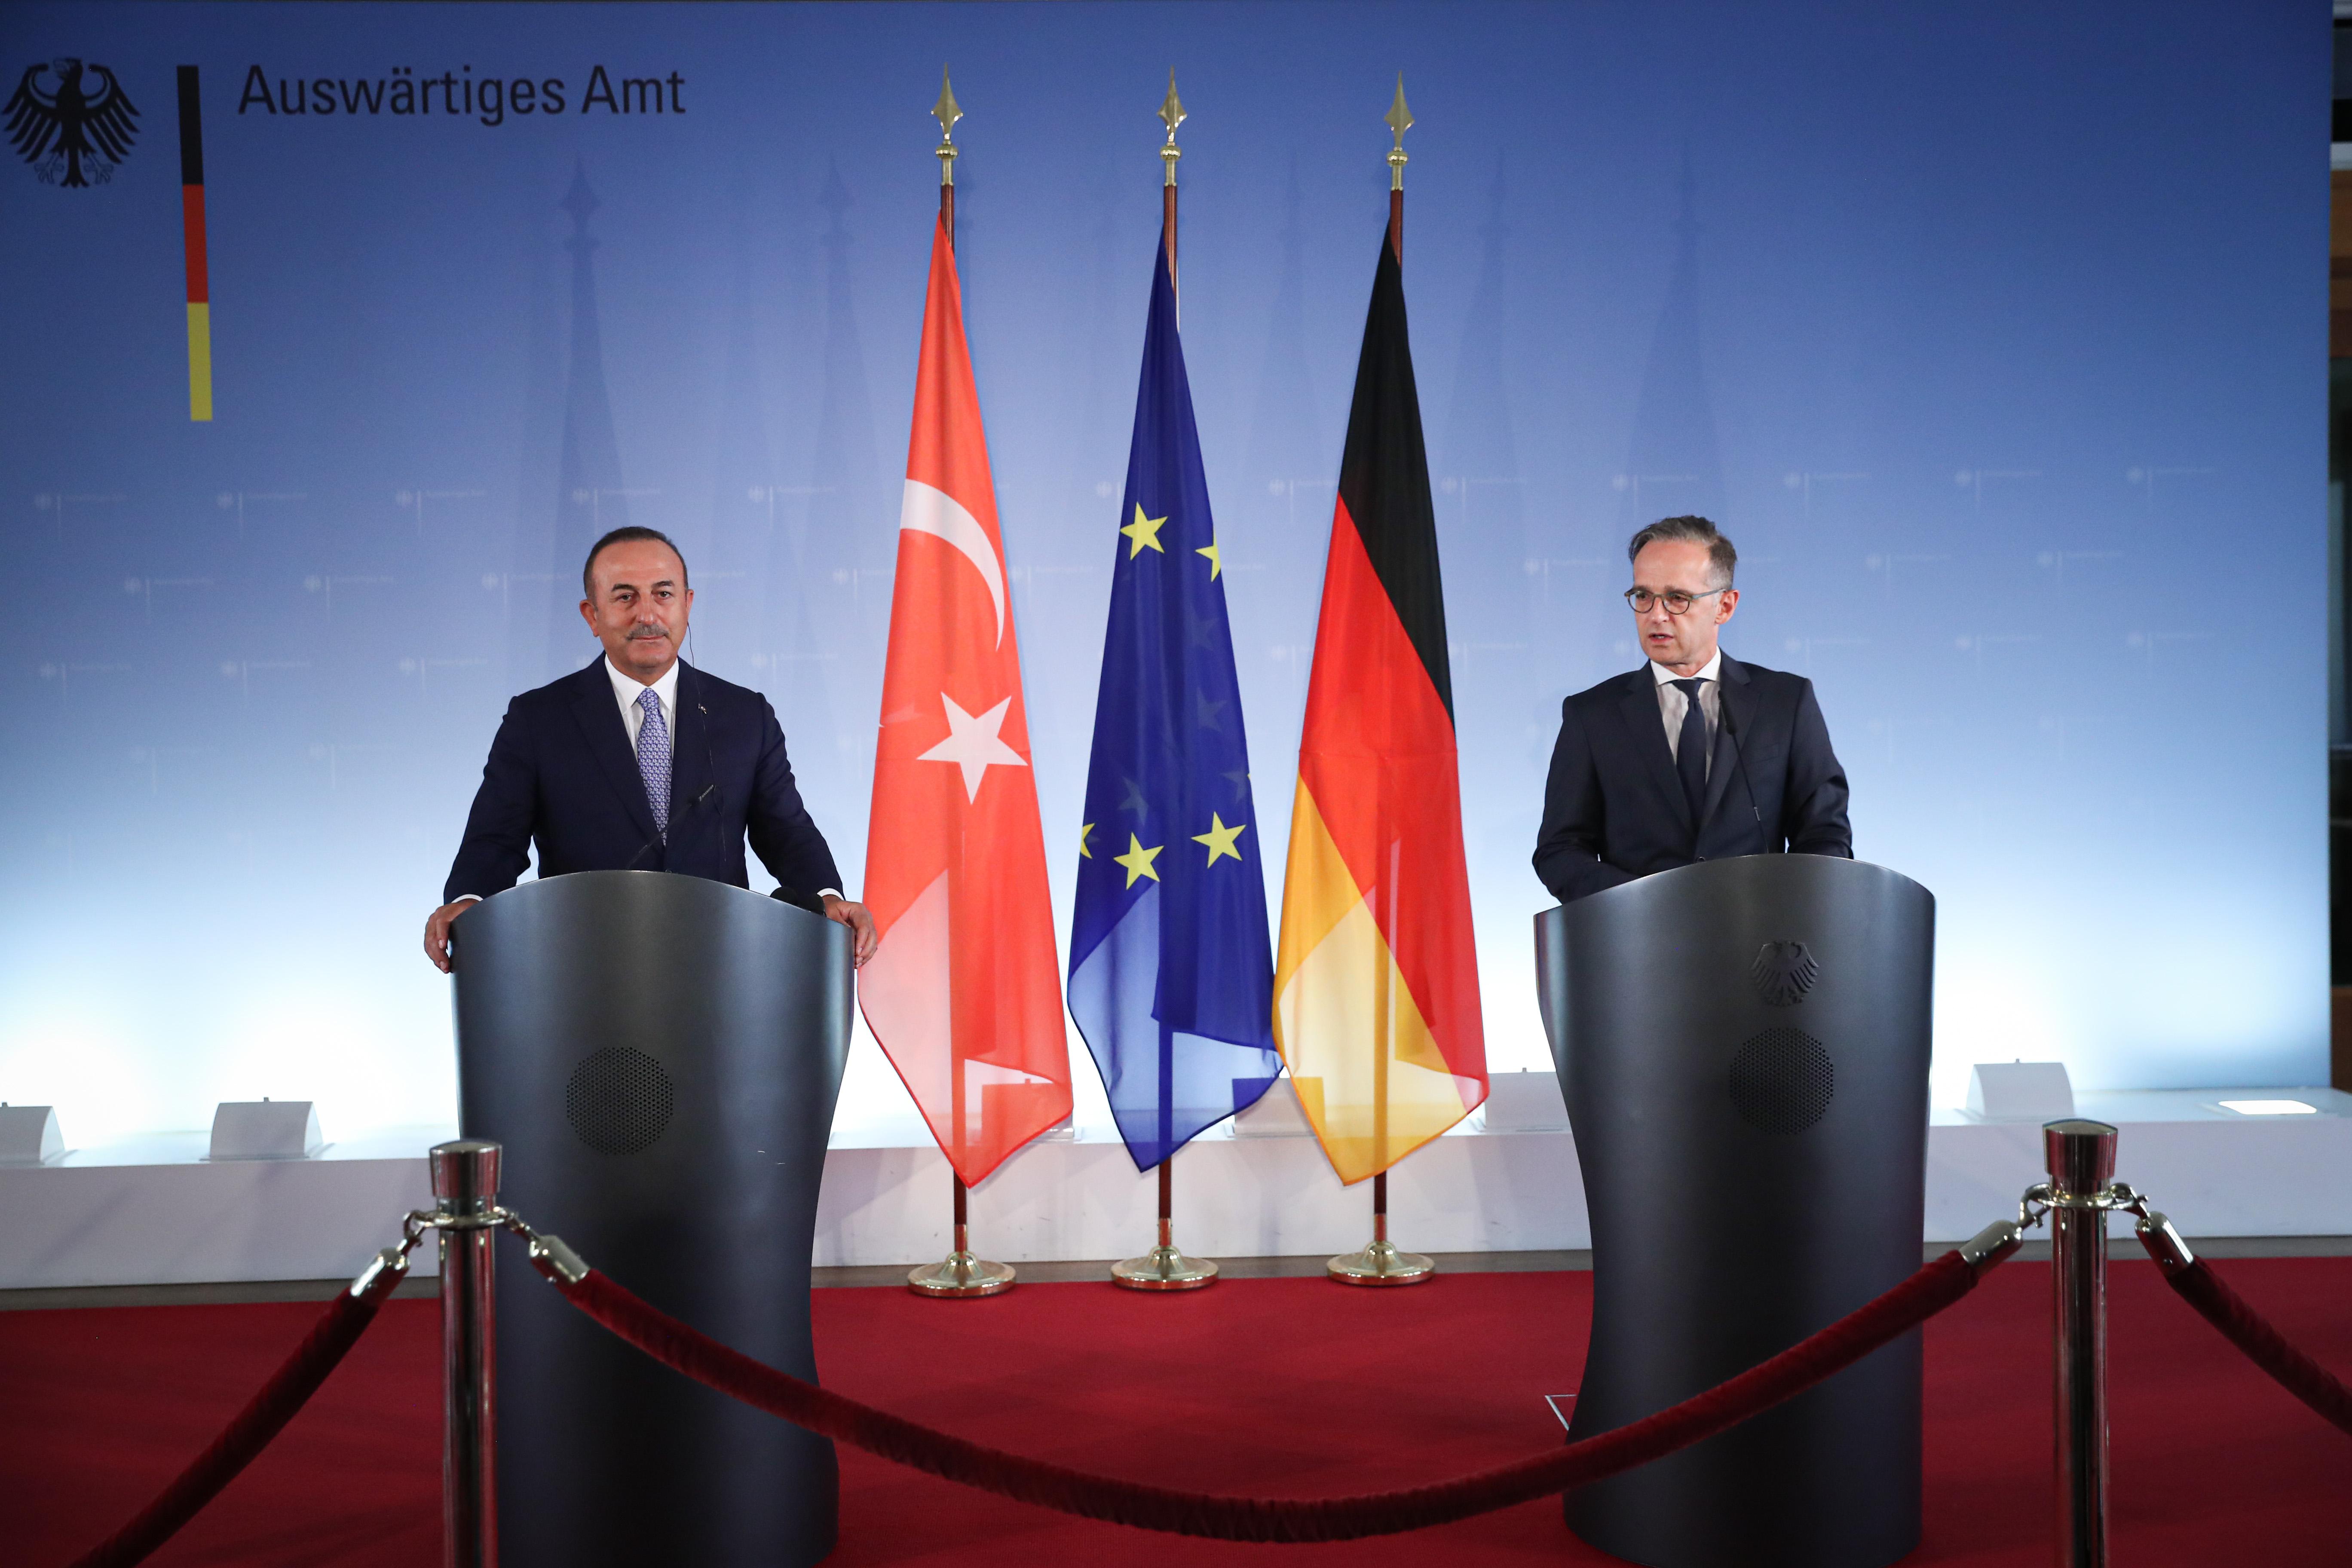 Çavuşoğlu'ndan turizm diplomasisi: Alman dostlarımız Türkiye'ye gelmek istiyor